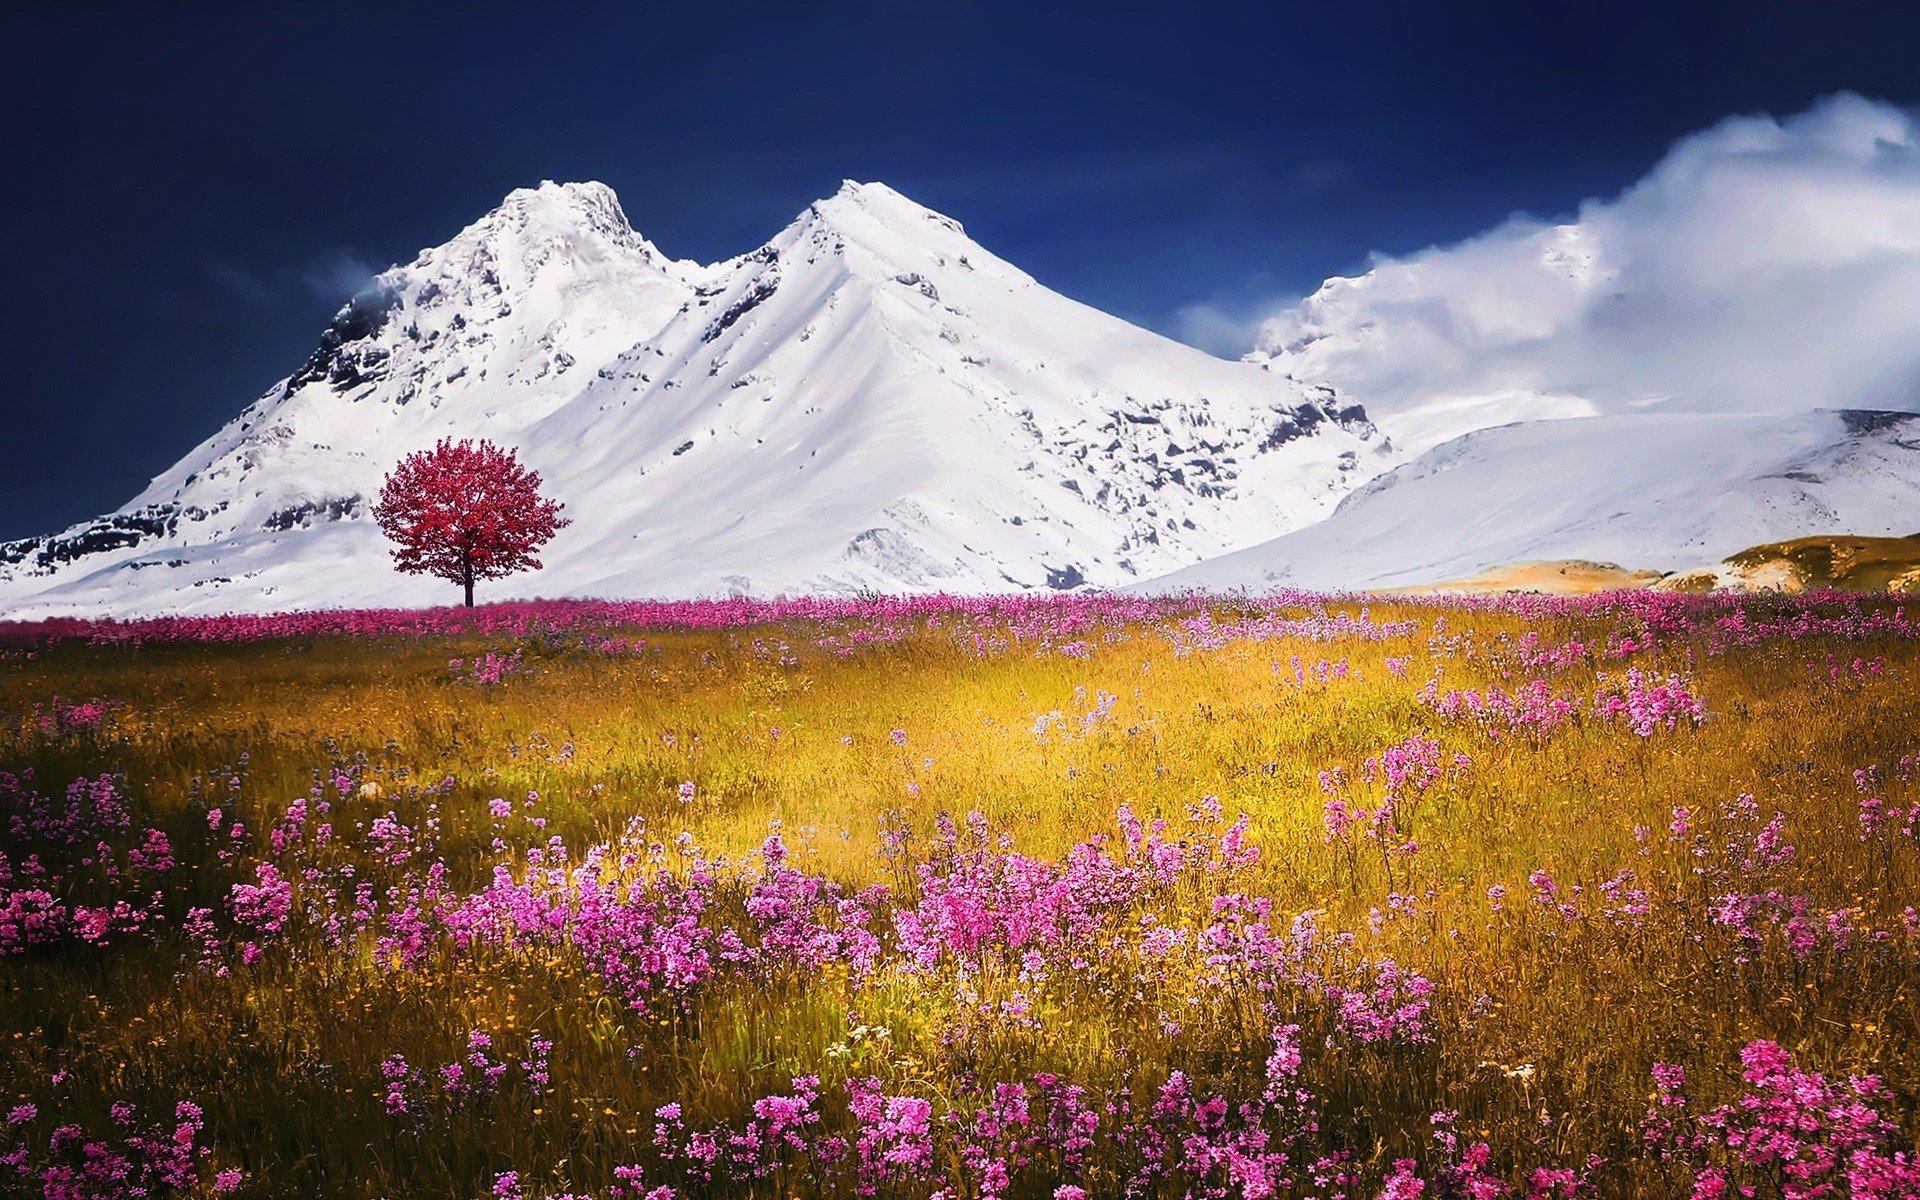 Fondos de pantalla Otoño en el campo con montañas